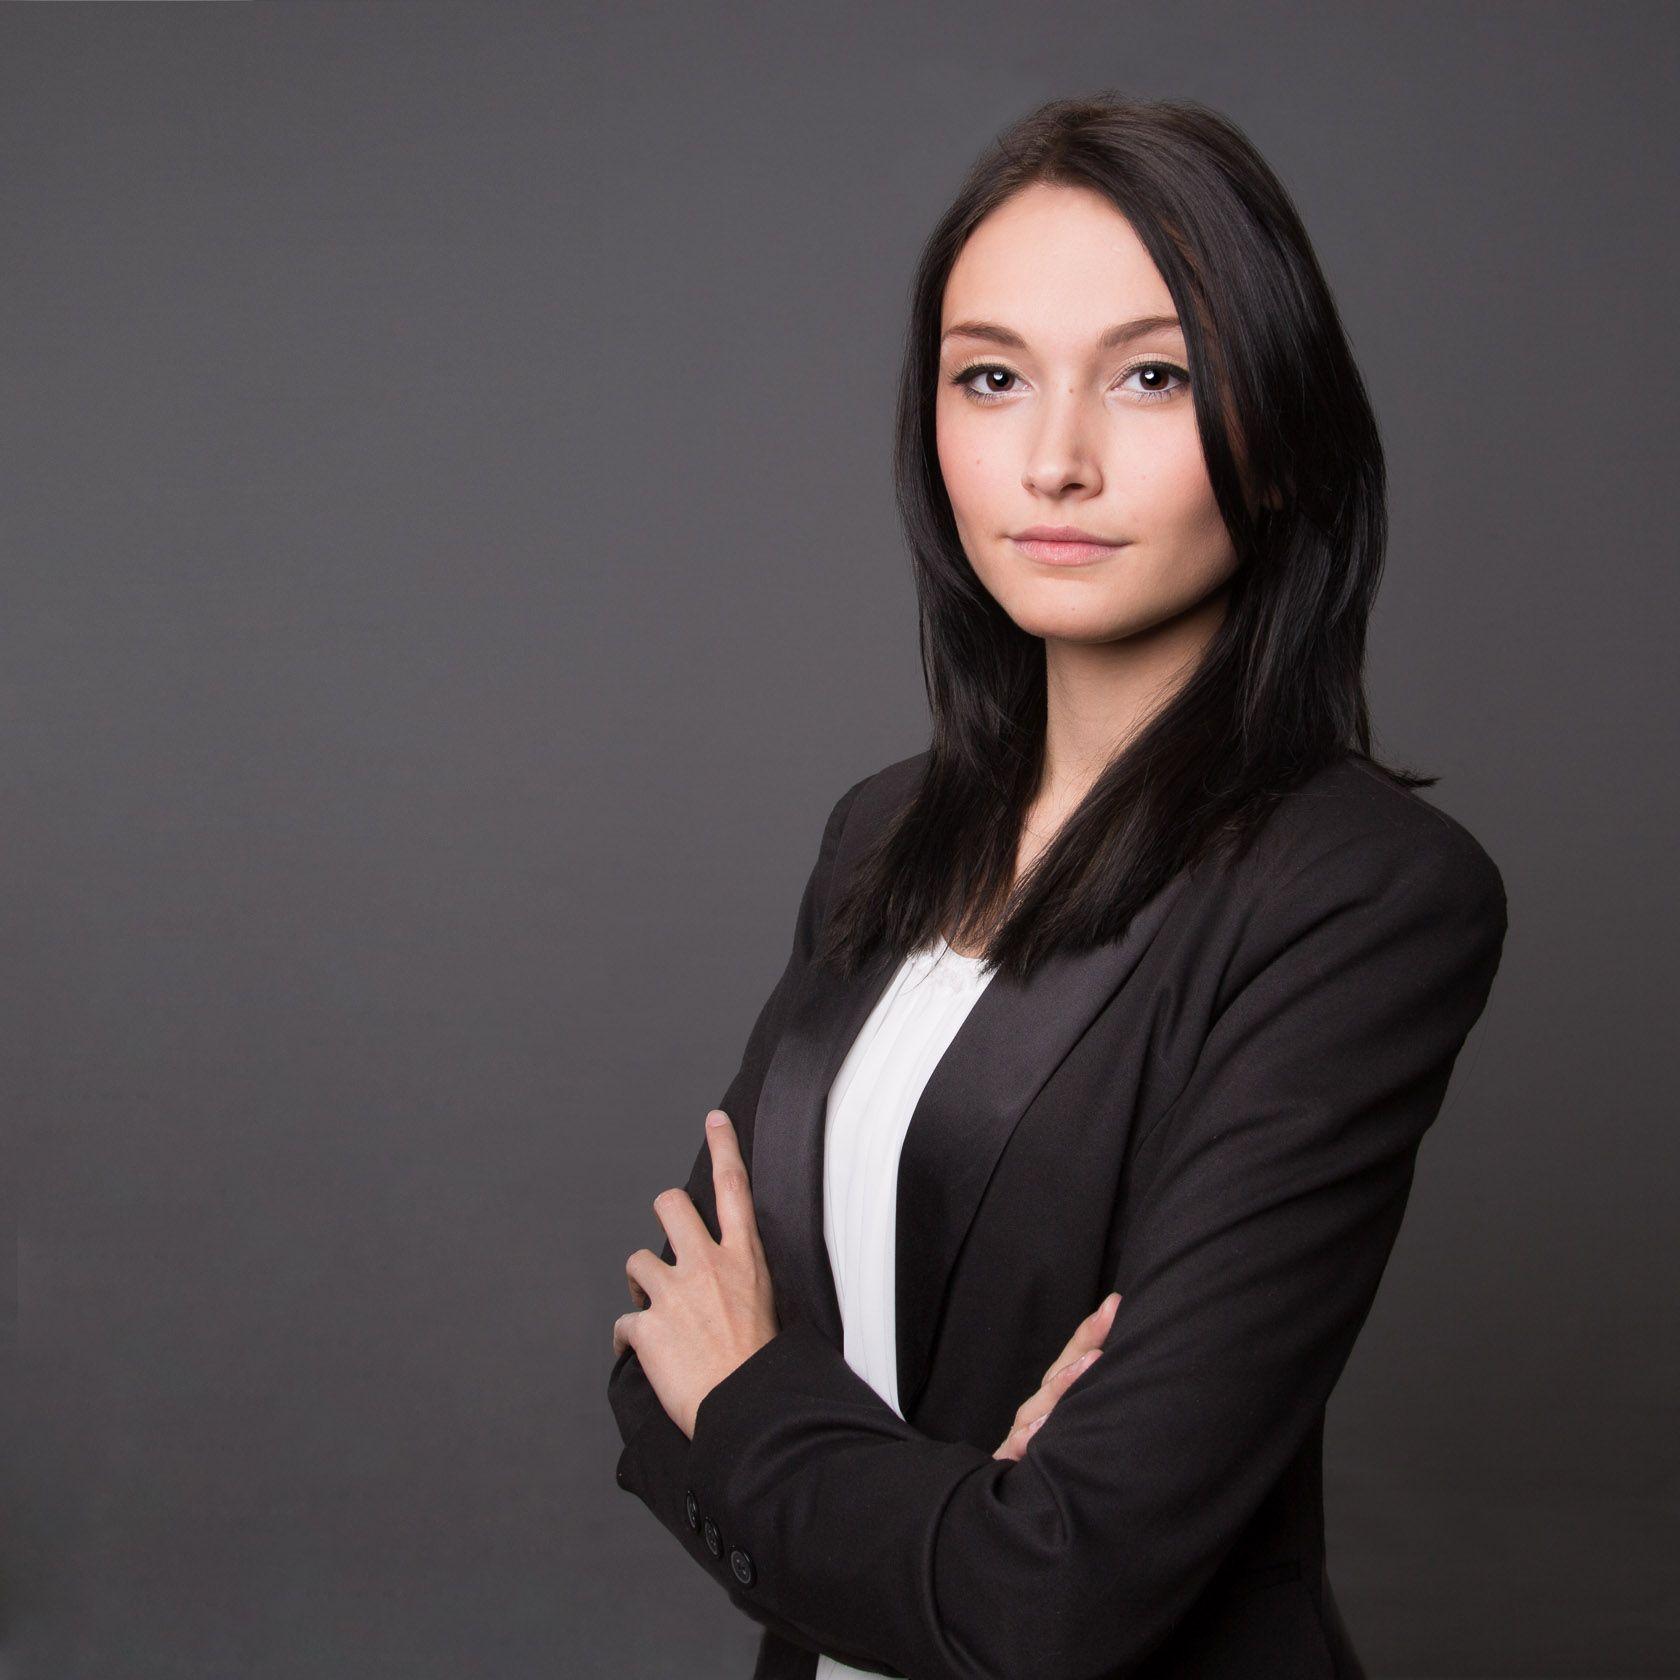 Portraitfotografie Business Portraits von Anny in Kirrlach